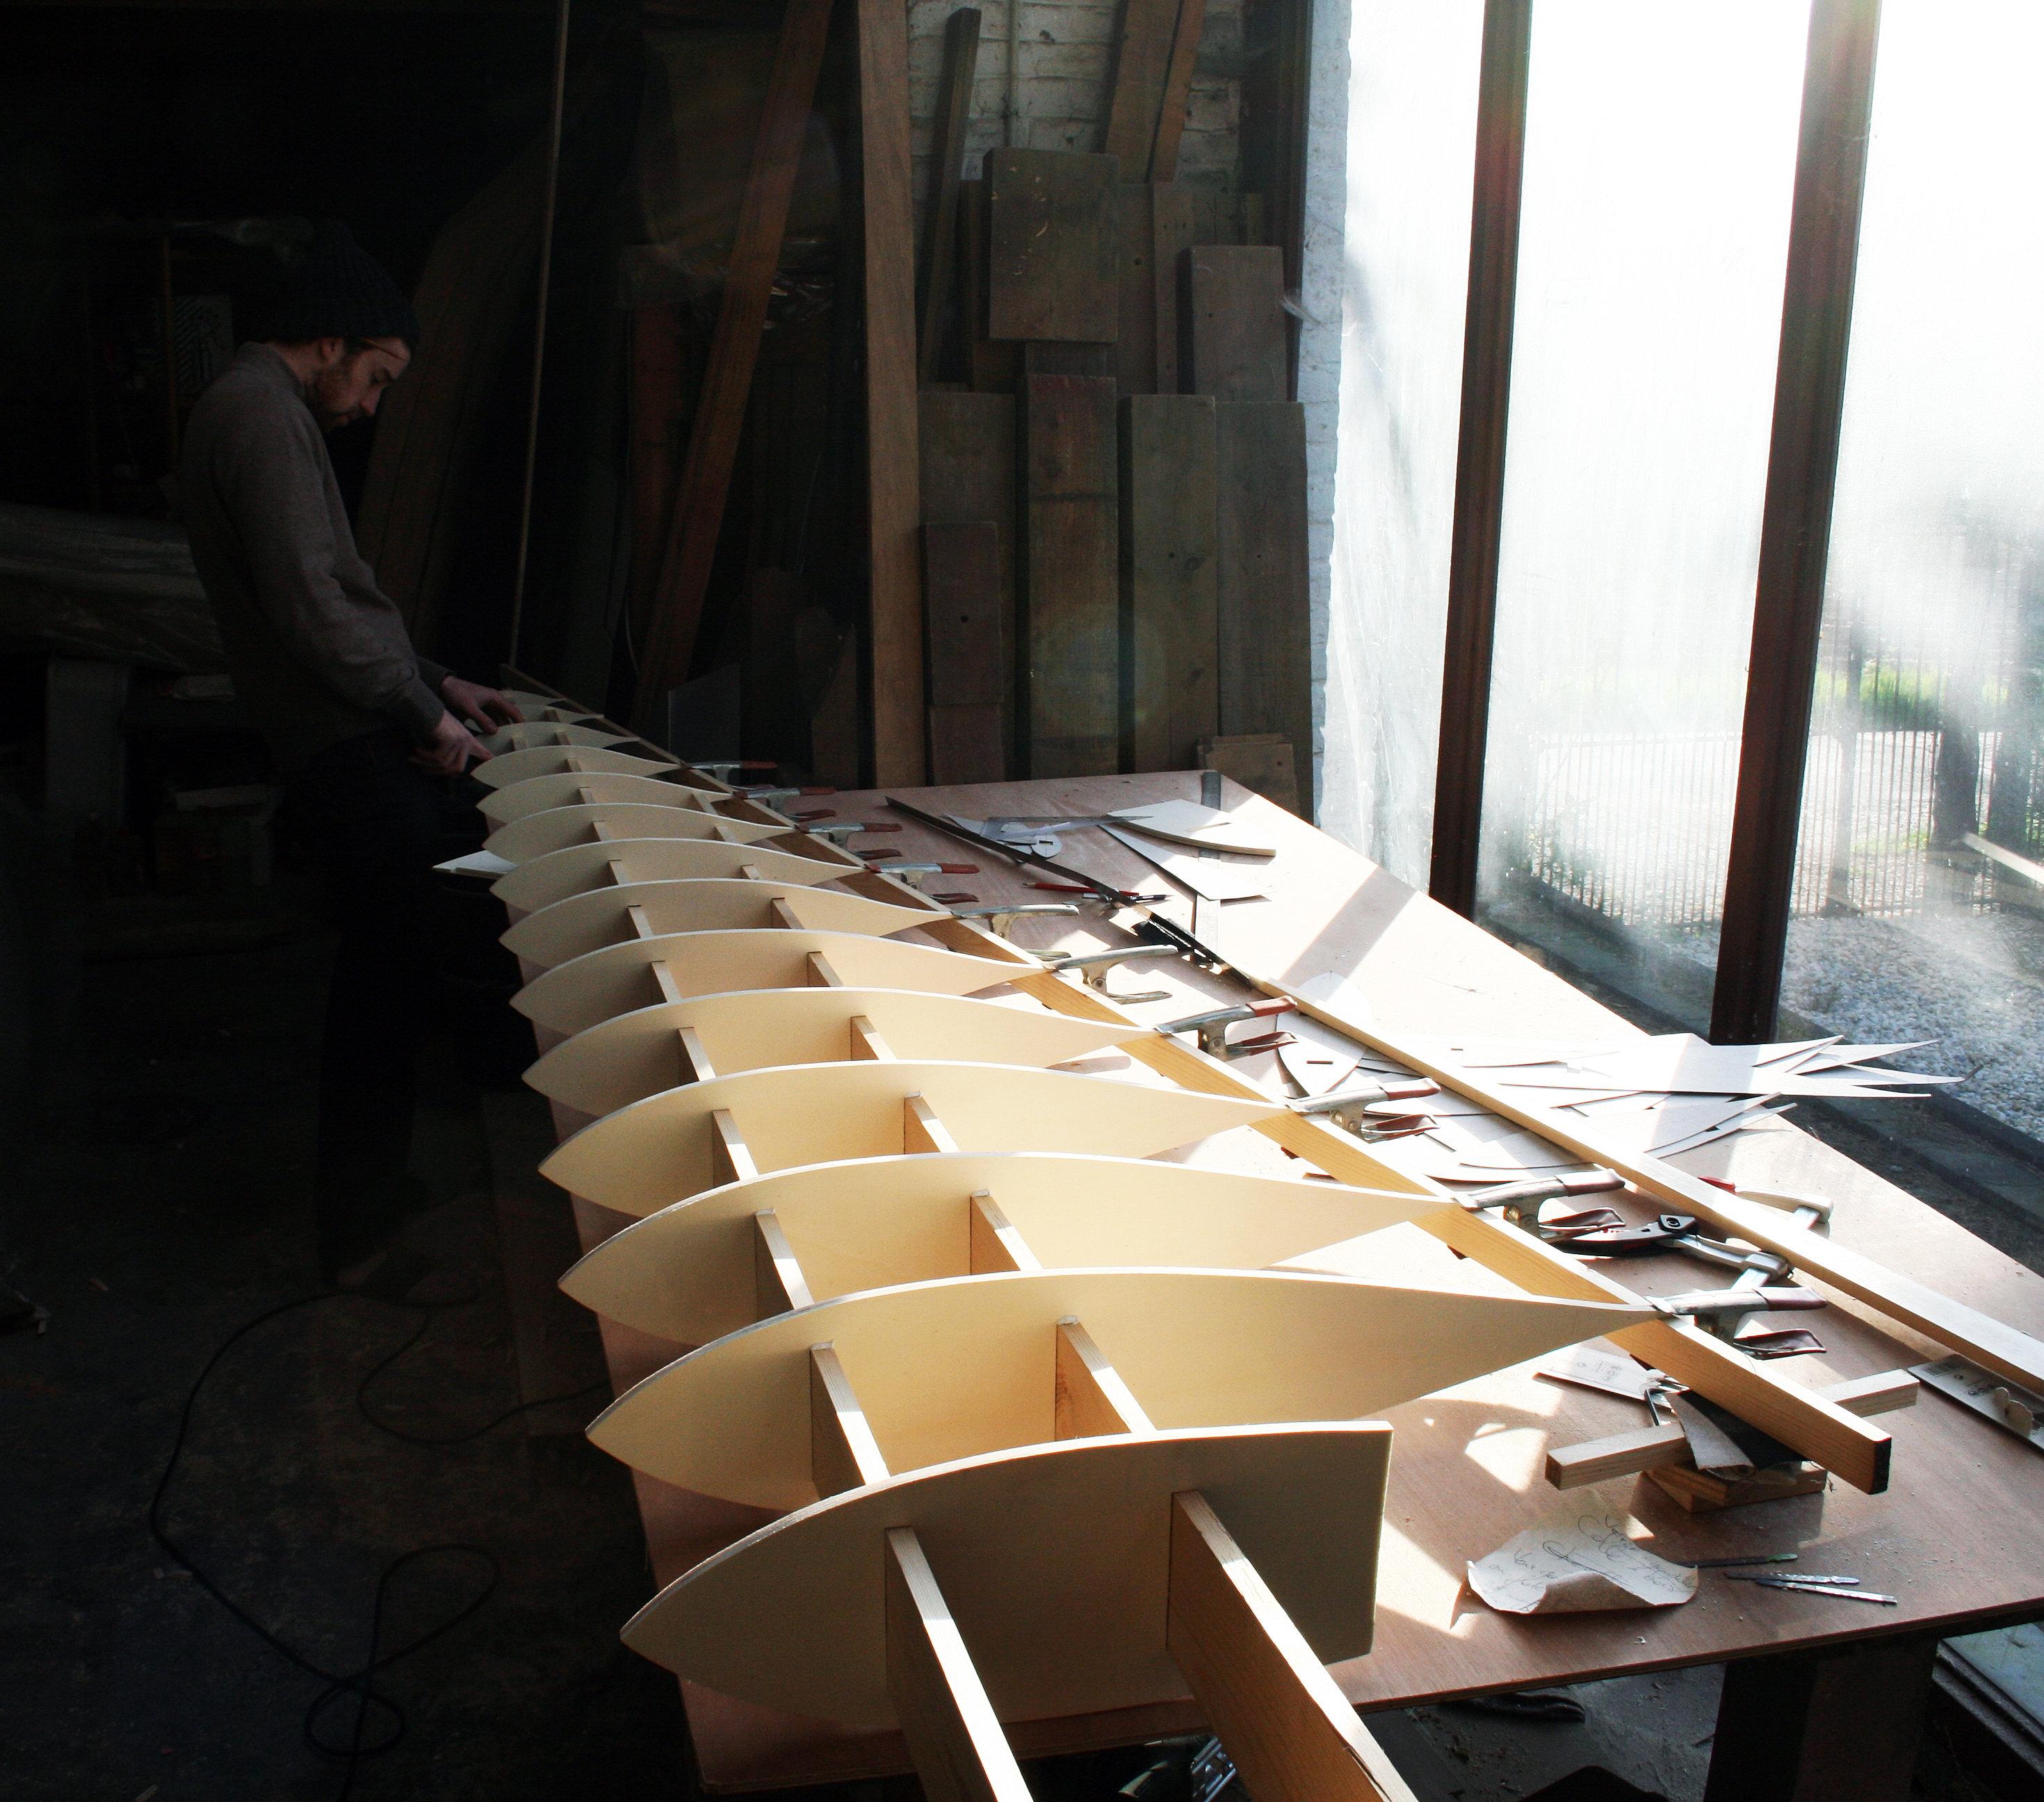 Meuble de createur stunning dco dcoration rcup palettes for Createur meuble